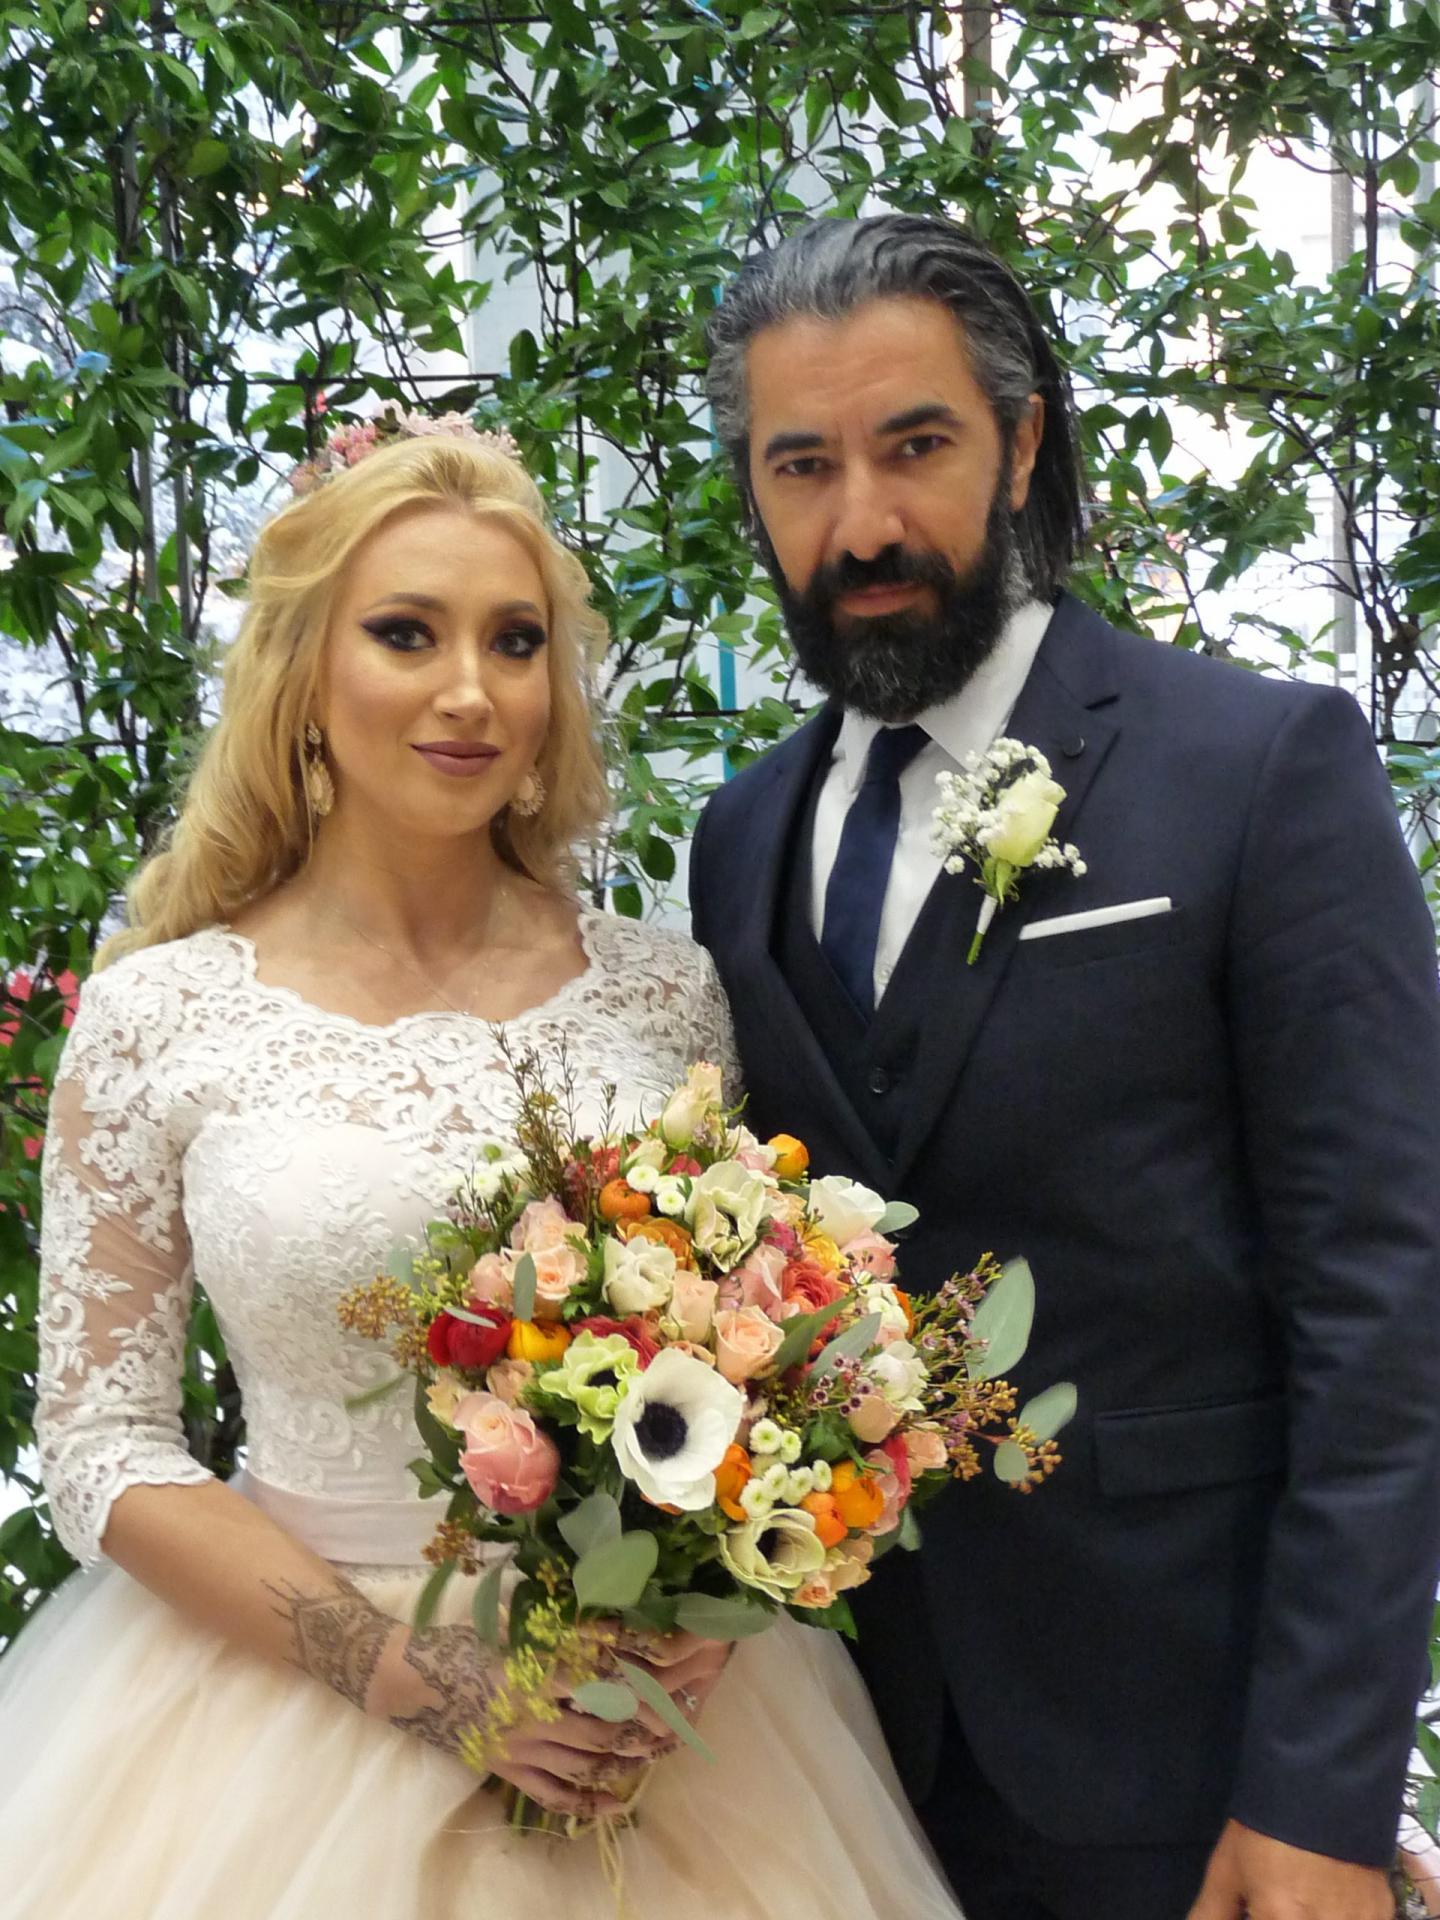 Rahel Makhalkovskaya, assistante gestionnaire, et Hassan Barka, technicien cinématographique.